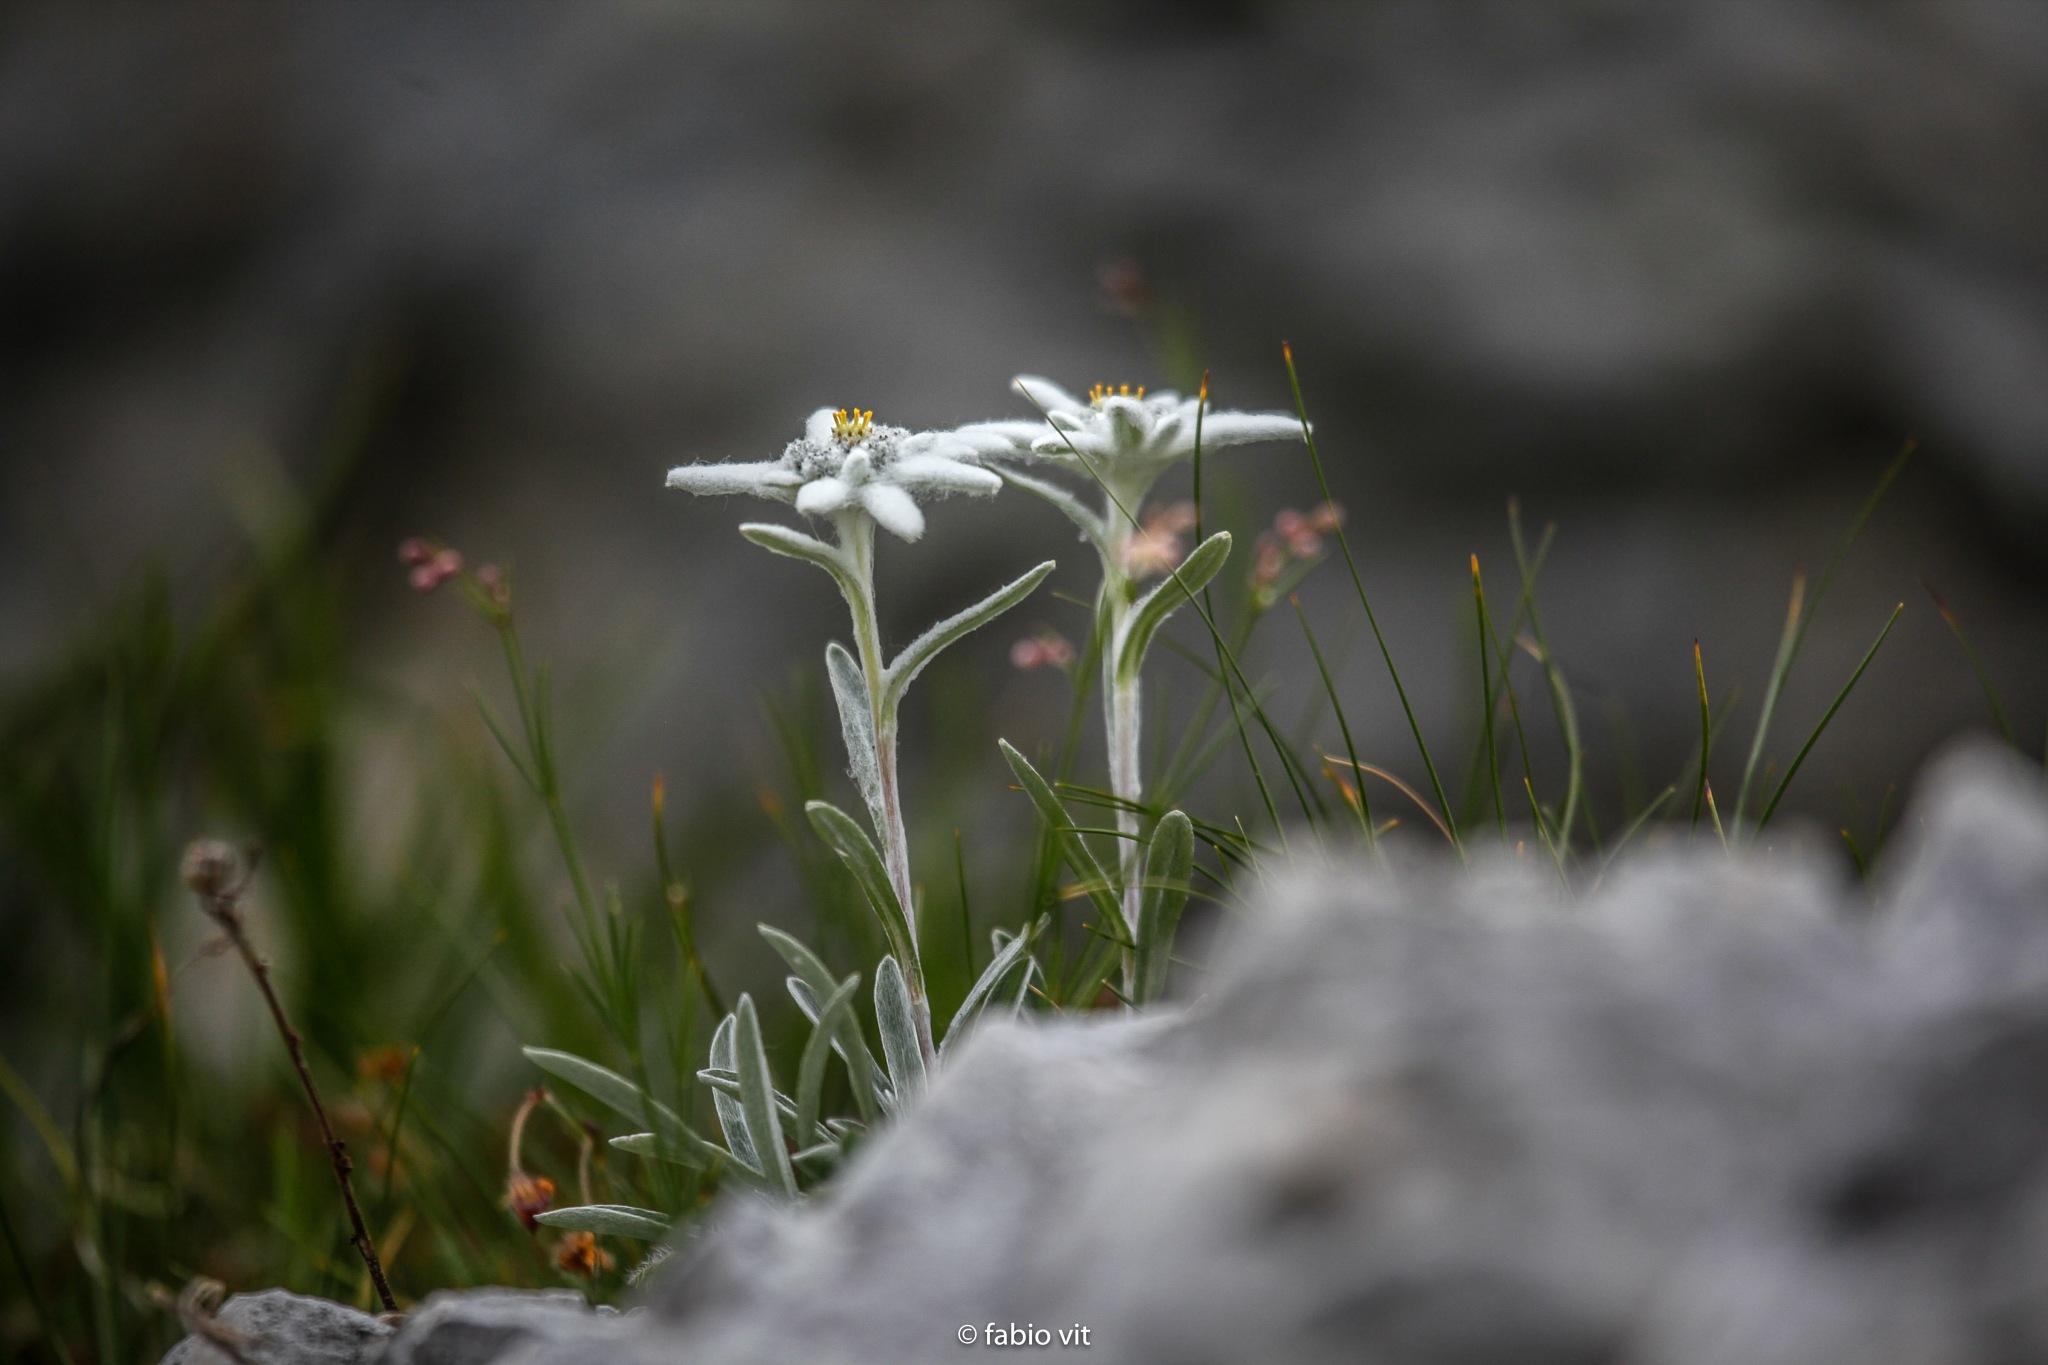 Alpine star by Fabio Vit